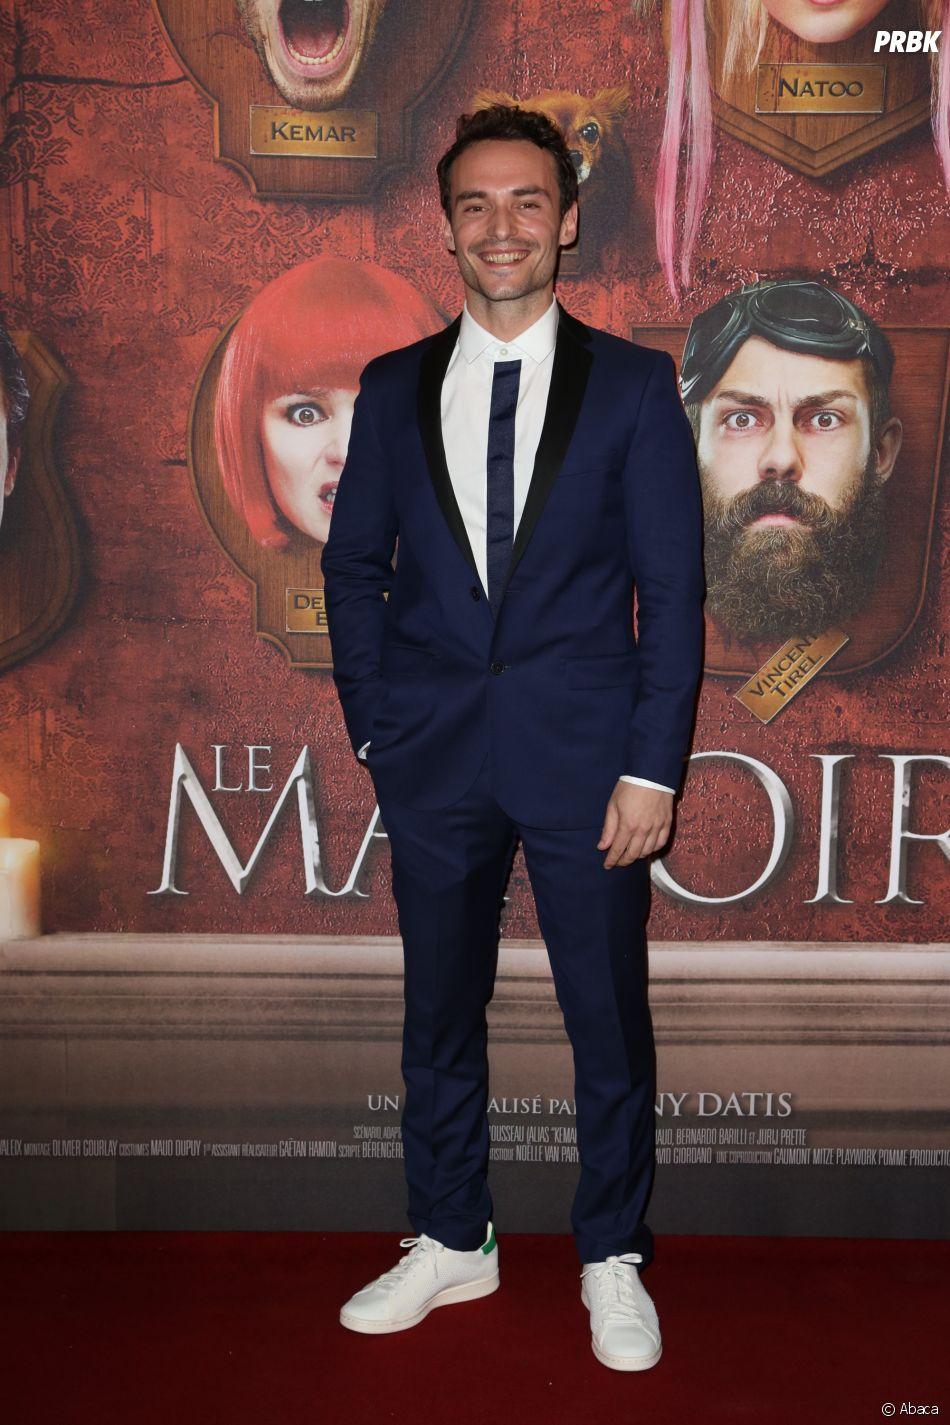 Jérôme Niel à l'avant-première du film Le Manoir le 9 juin 2017 au Grand Rex à Paris